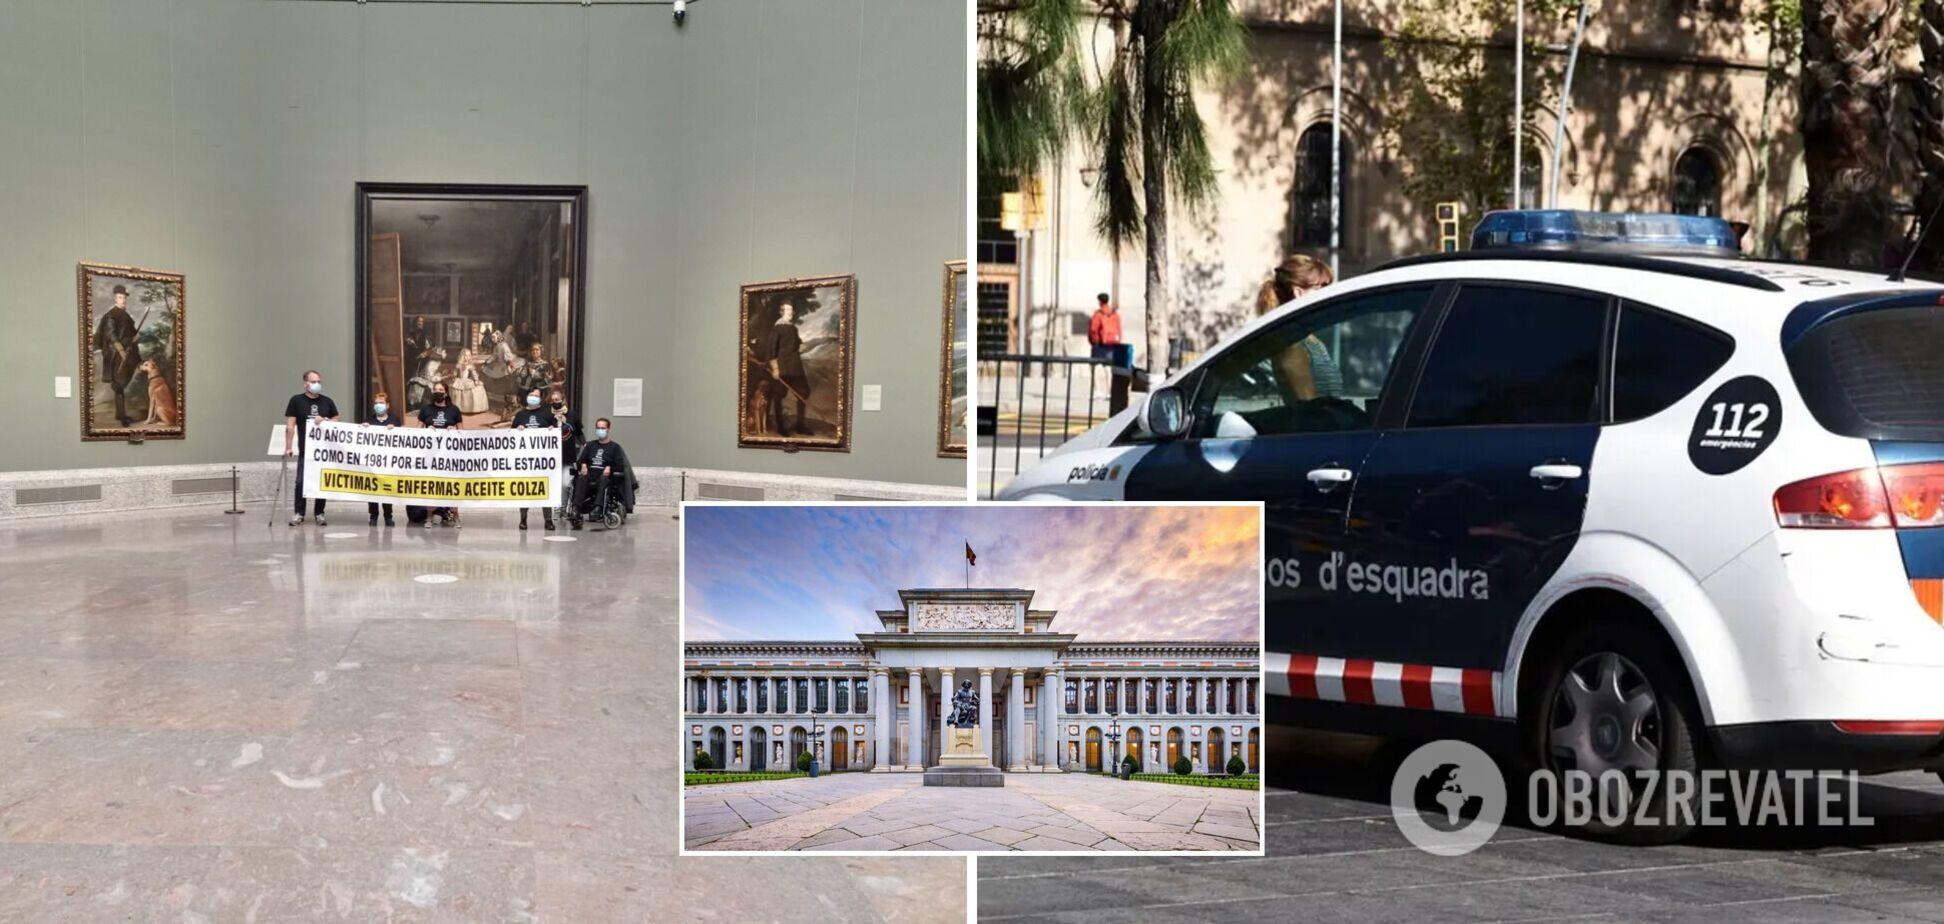 В Испании шесть человек заняли музей Прадо и угрожают покончить с собой. Фото